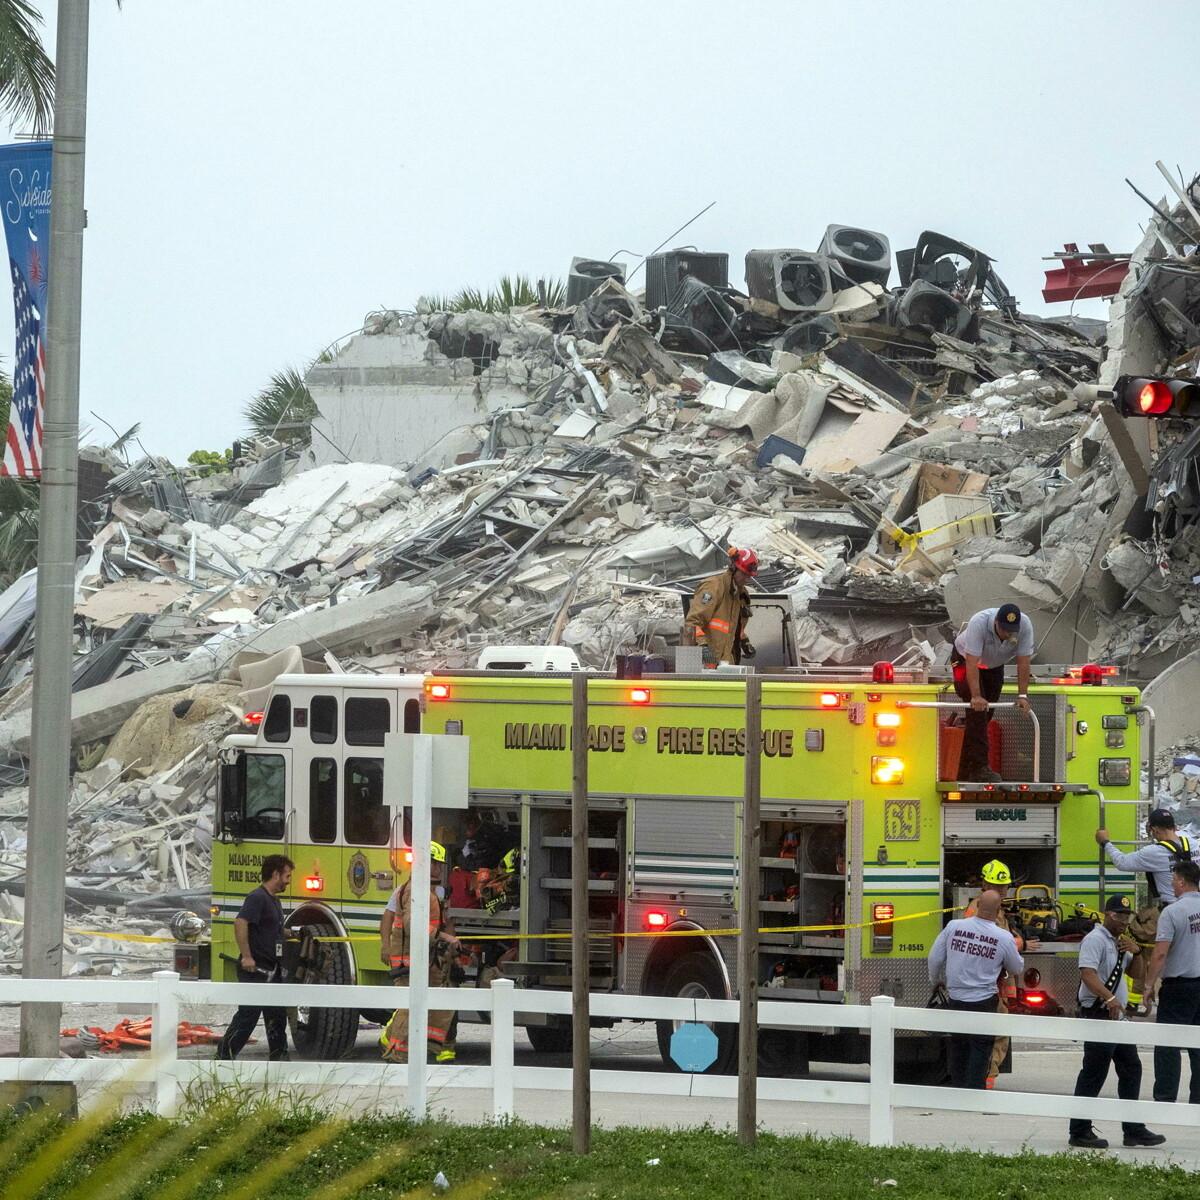 Palazzo di 12 piani crollato, incubo a Miami: il bilancio delle vittime rischia di essere pesantissimo